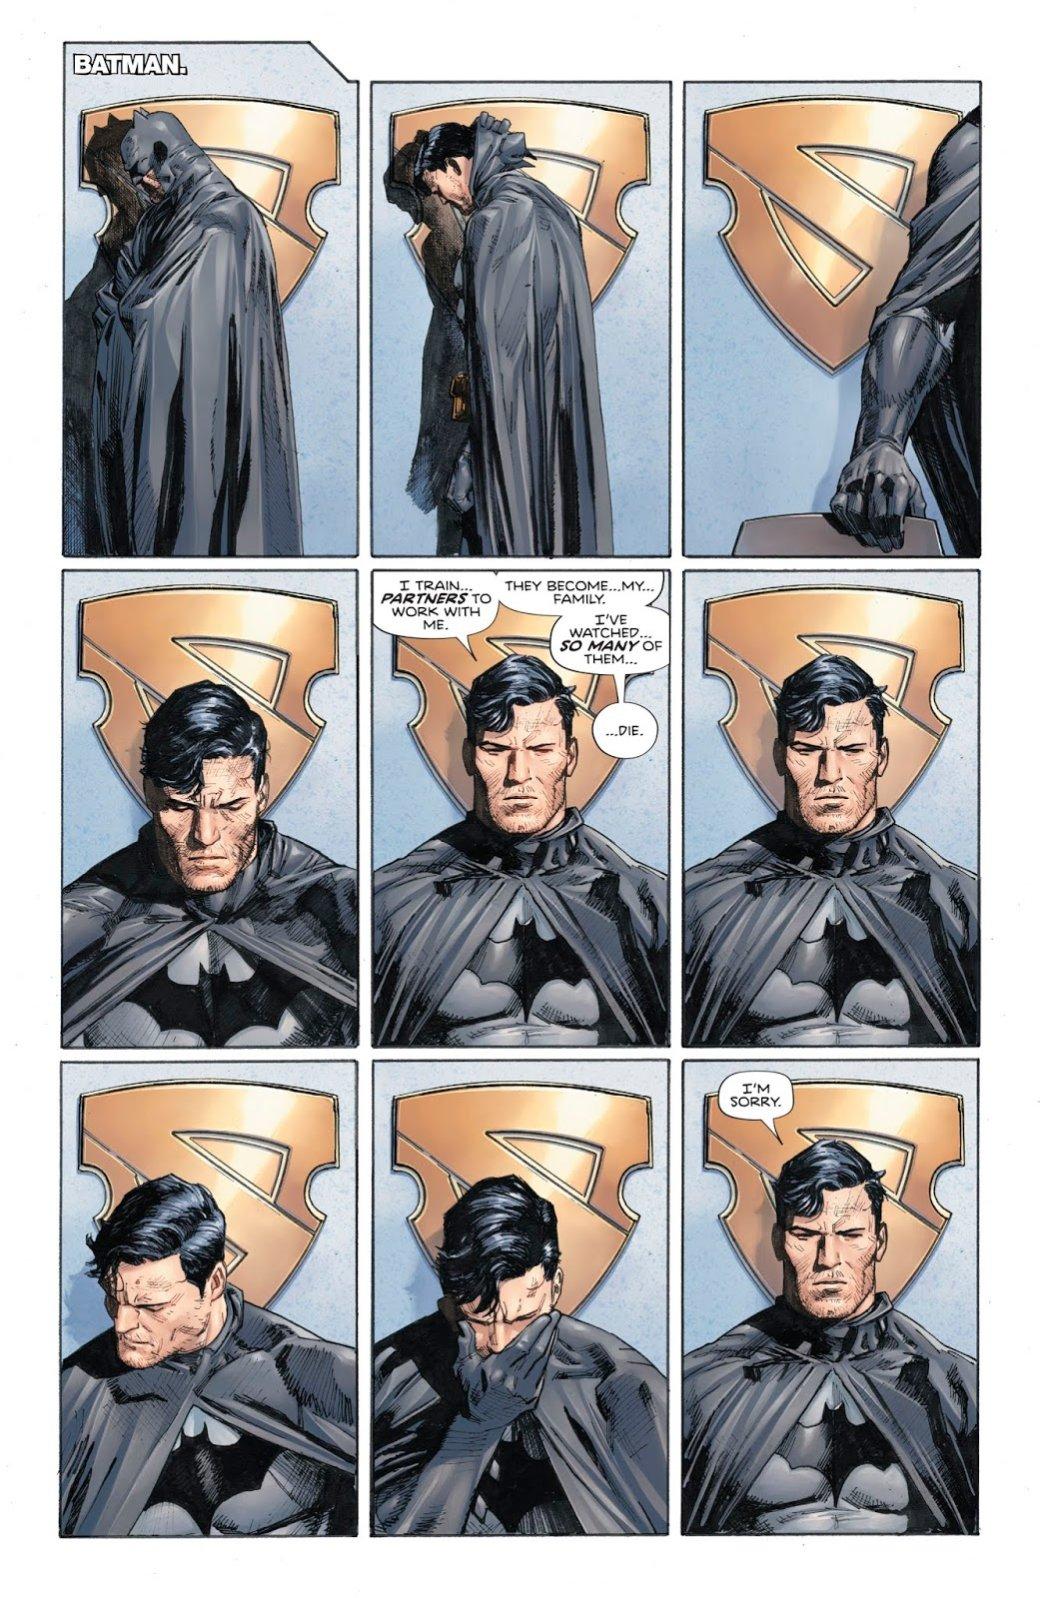 Heroes inCrisis: последствия поступков супергероев | Канобу - Изображение 955